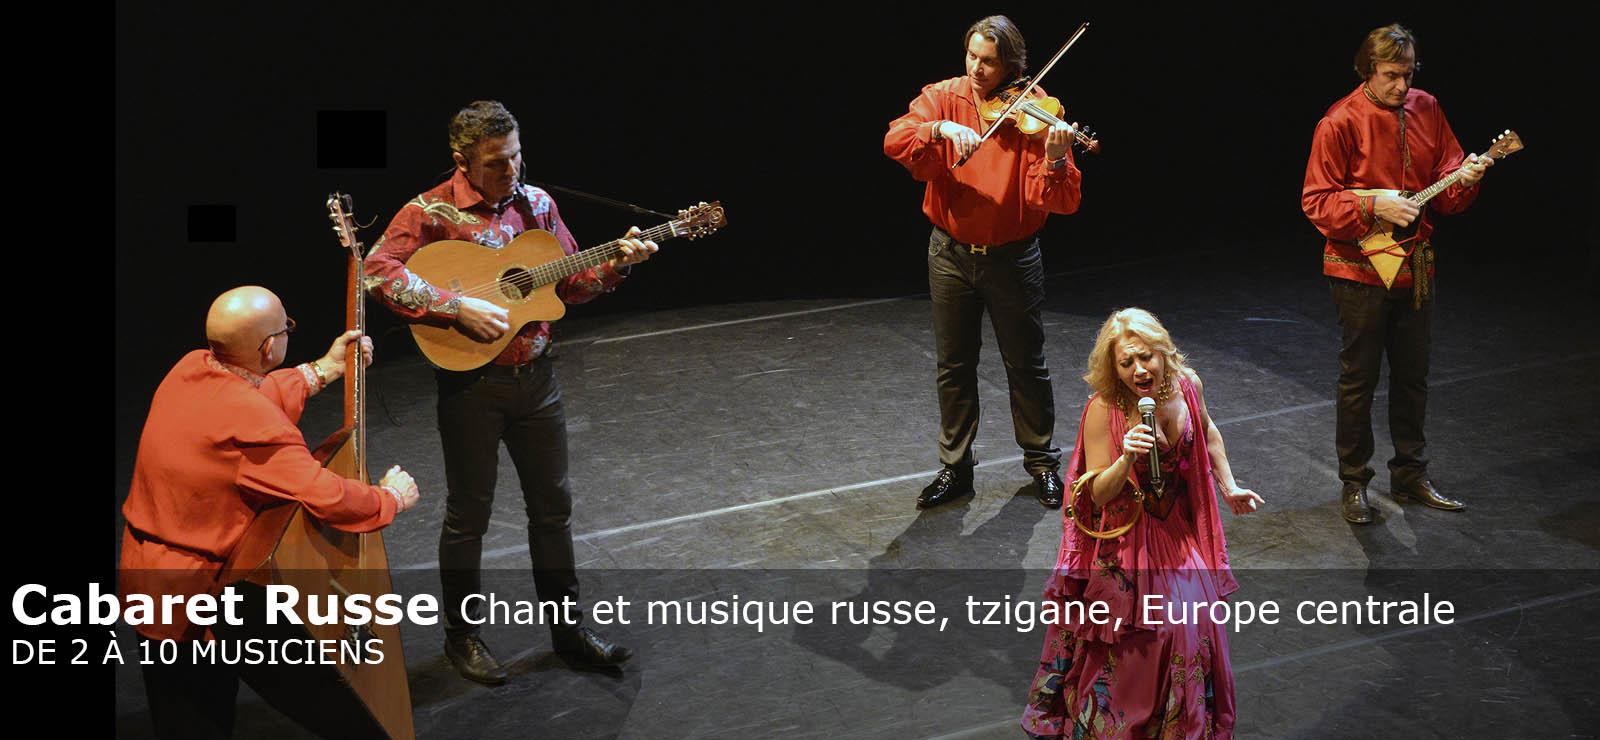 2.Cabaret-Russe.jpg